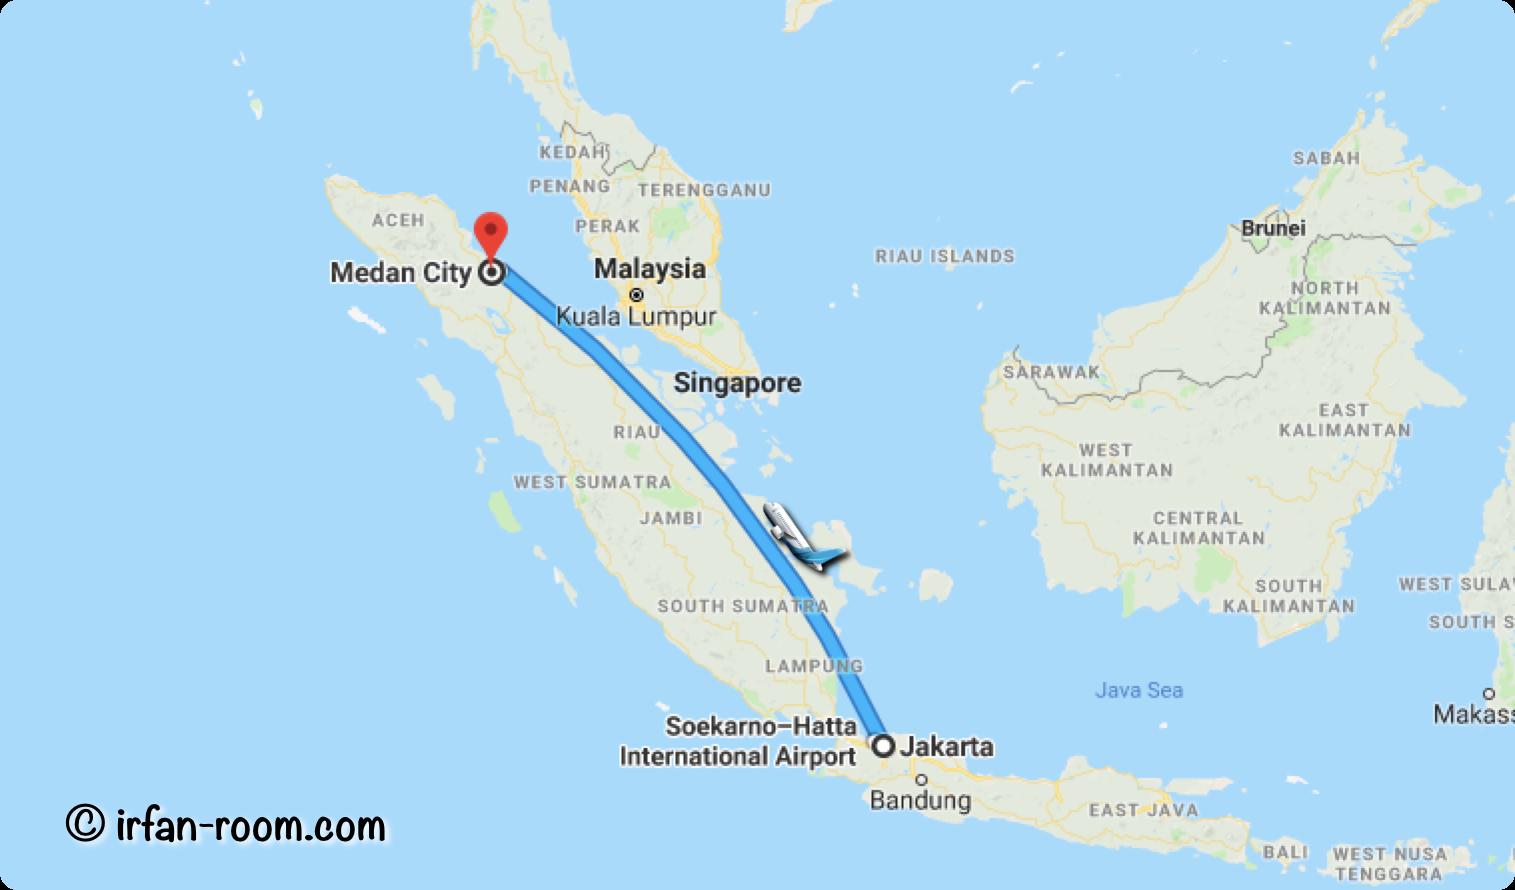 Sumatera Utara, Ucok Durian, Kopi Sidikalang, Bolu Meranti, Bika Ambon